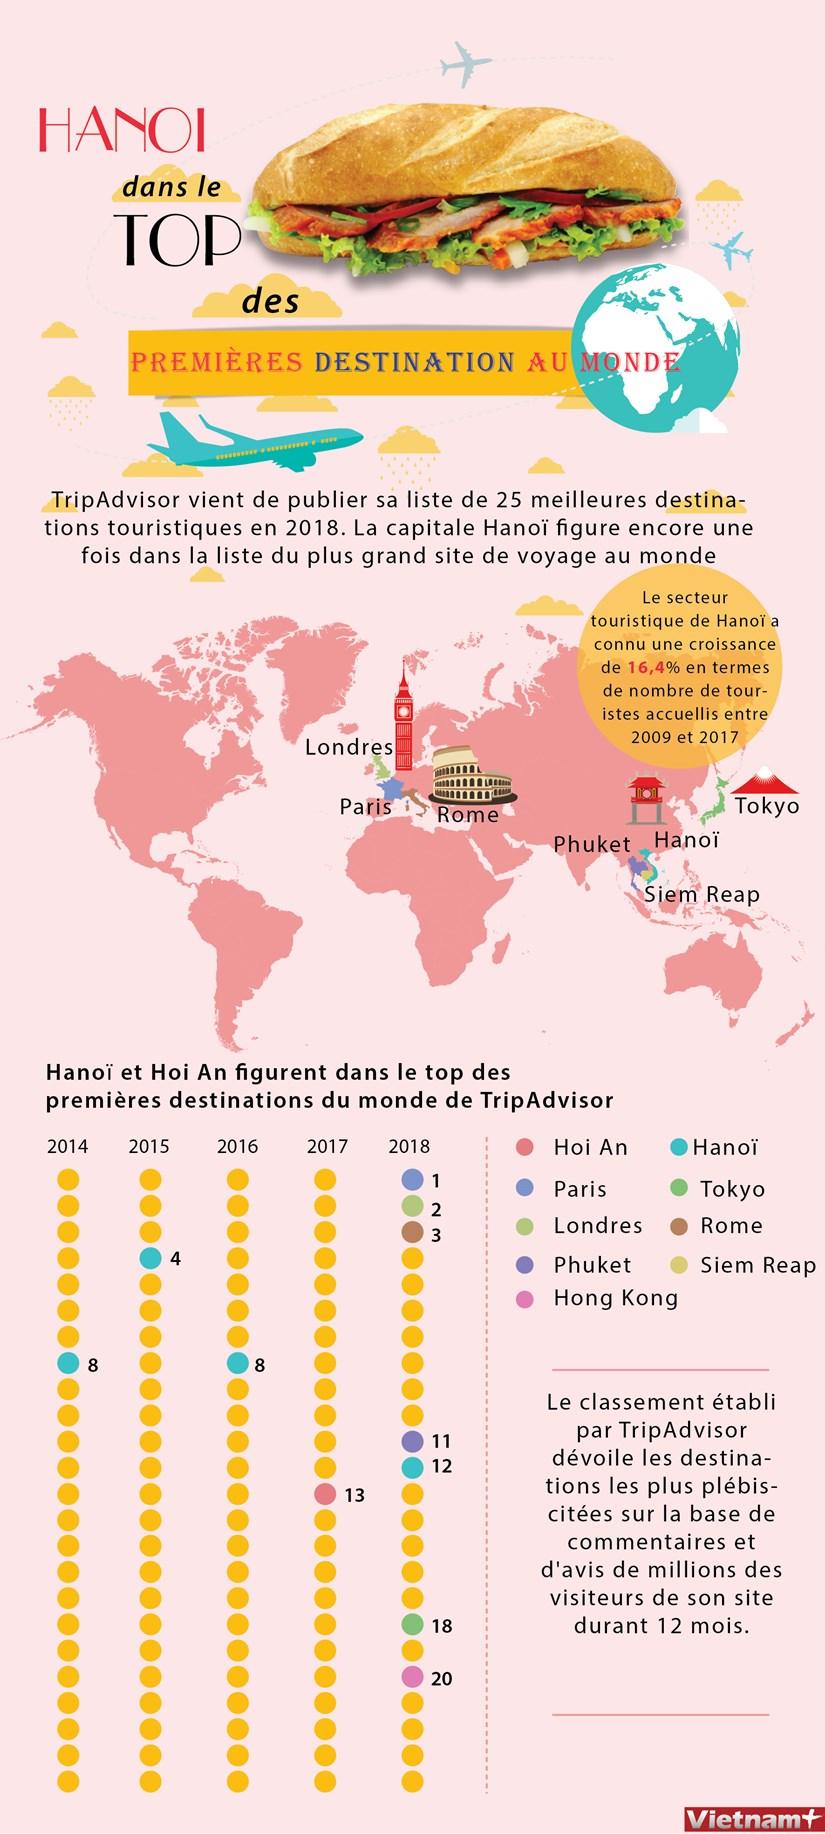 Hanoi dans le top des premieres destinations au monde hinh anh 1